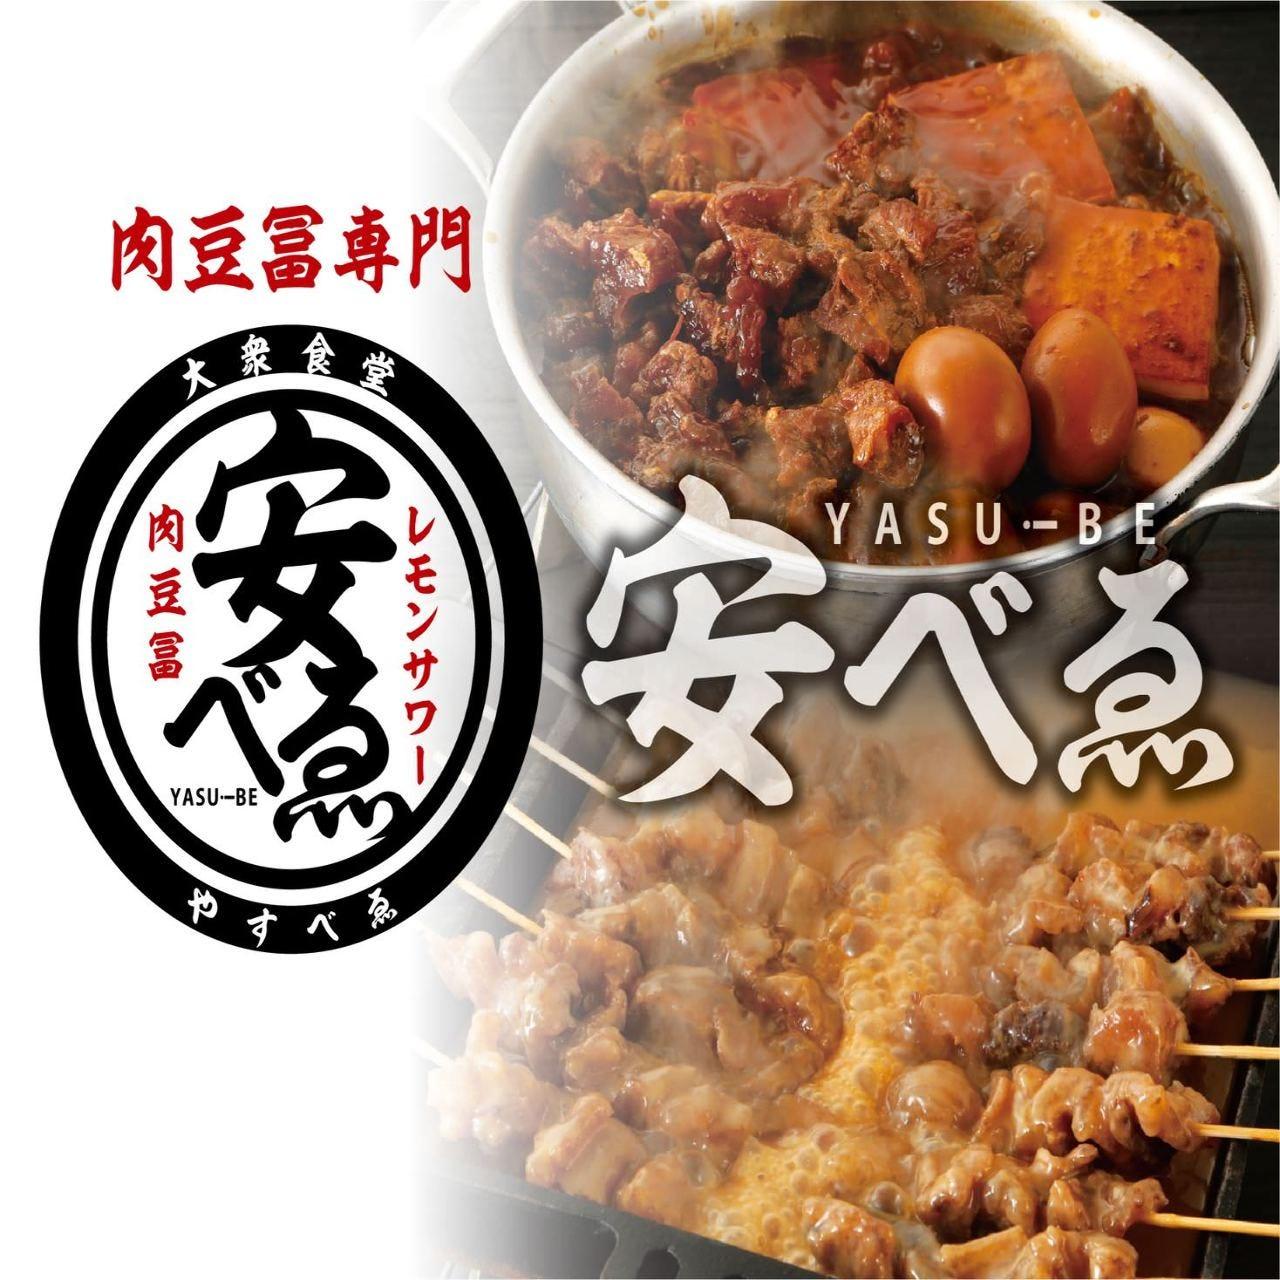 肉豆冨とレモンサワー 大衆食堂 安べゑ アスティ三島サウス店